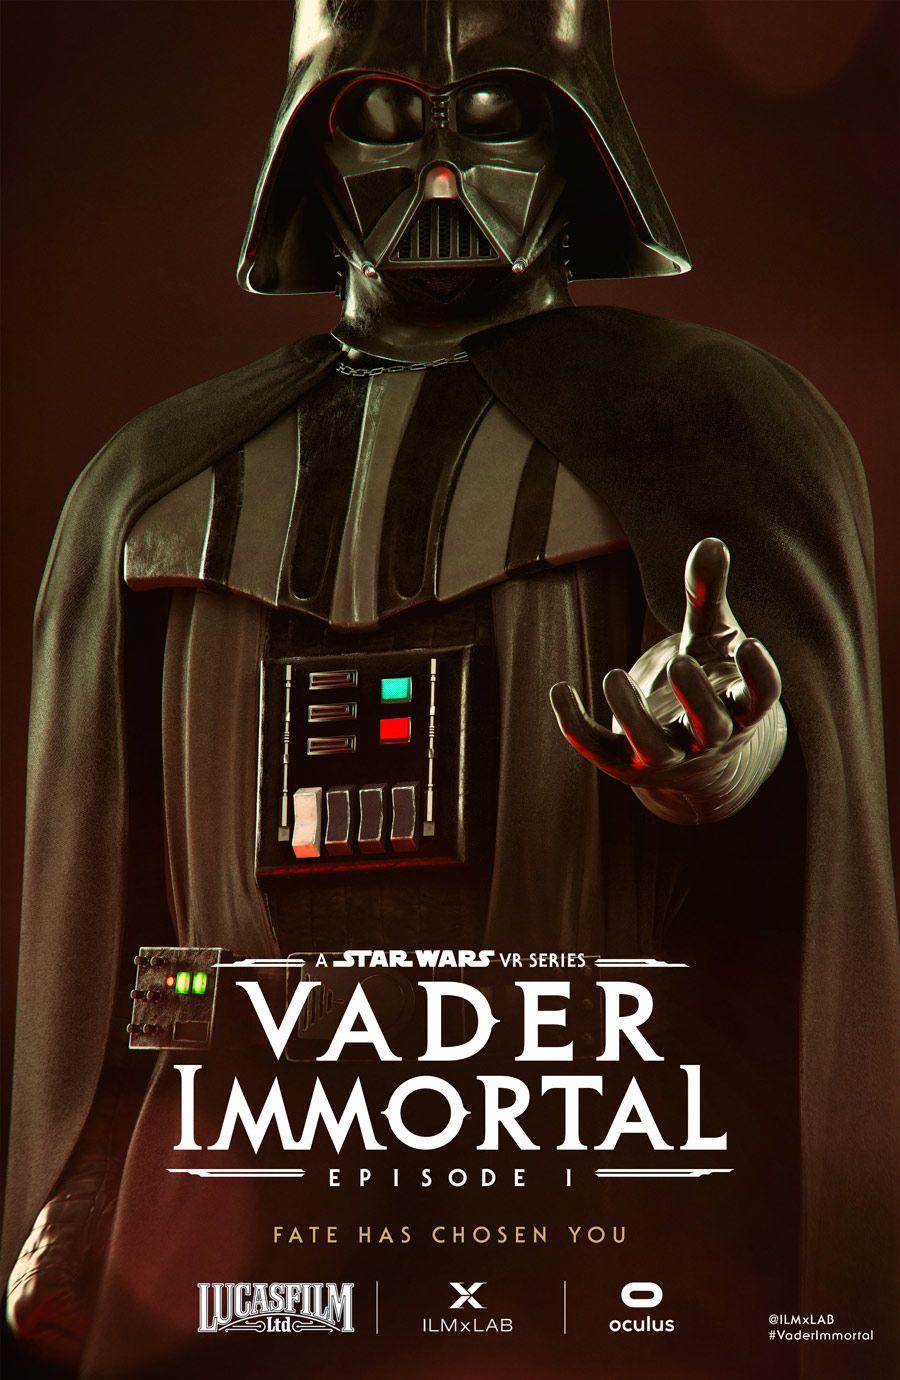 darthvader sdcc vaderimmortal Star wars history, Star